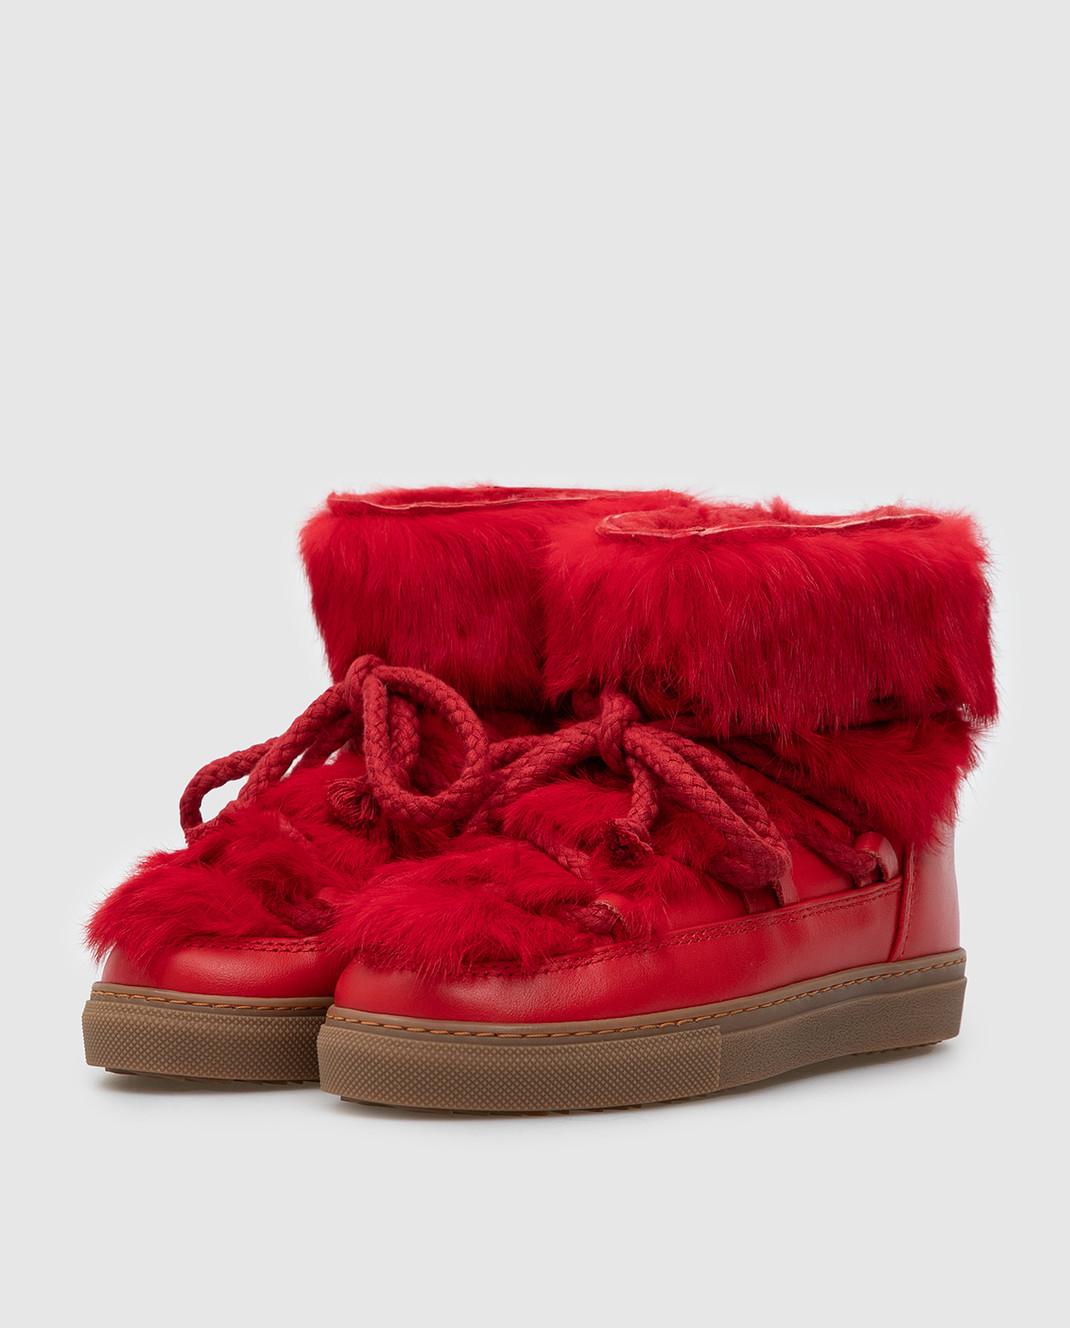 Inuikii Детские красные ботинки 6020242633 изображение 2